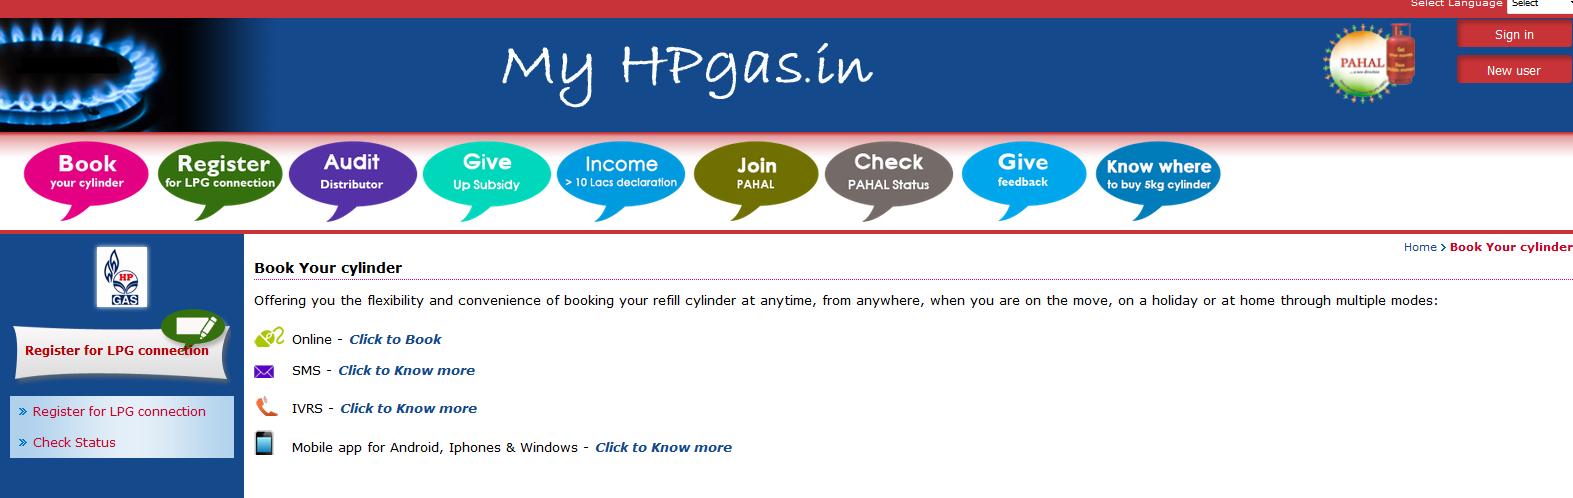 hp-registration